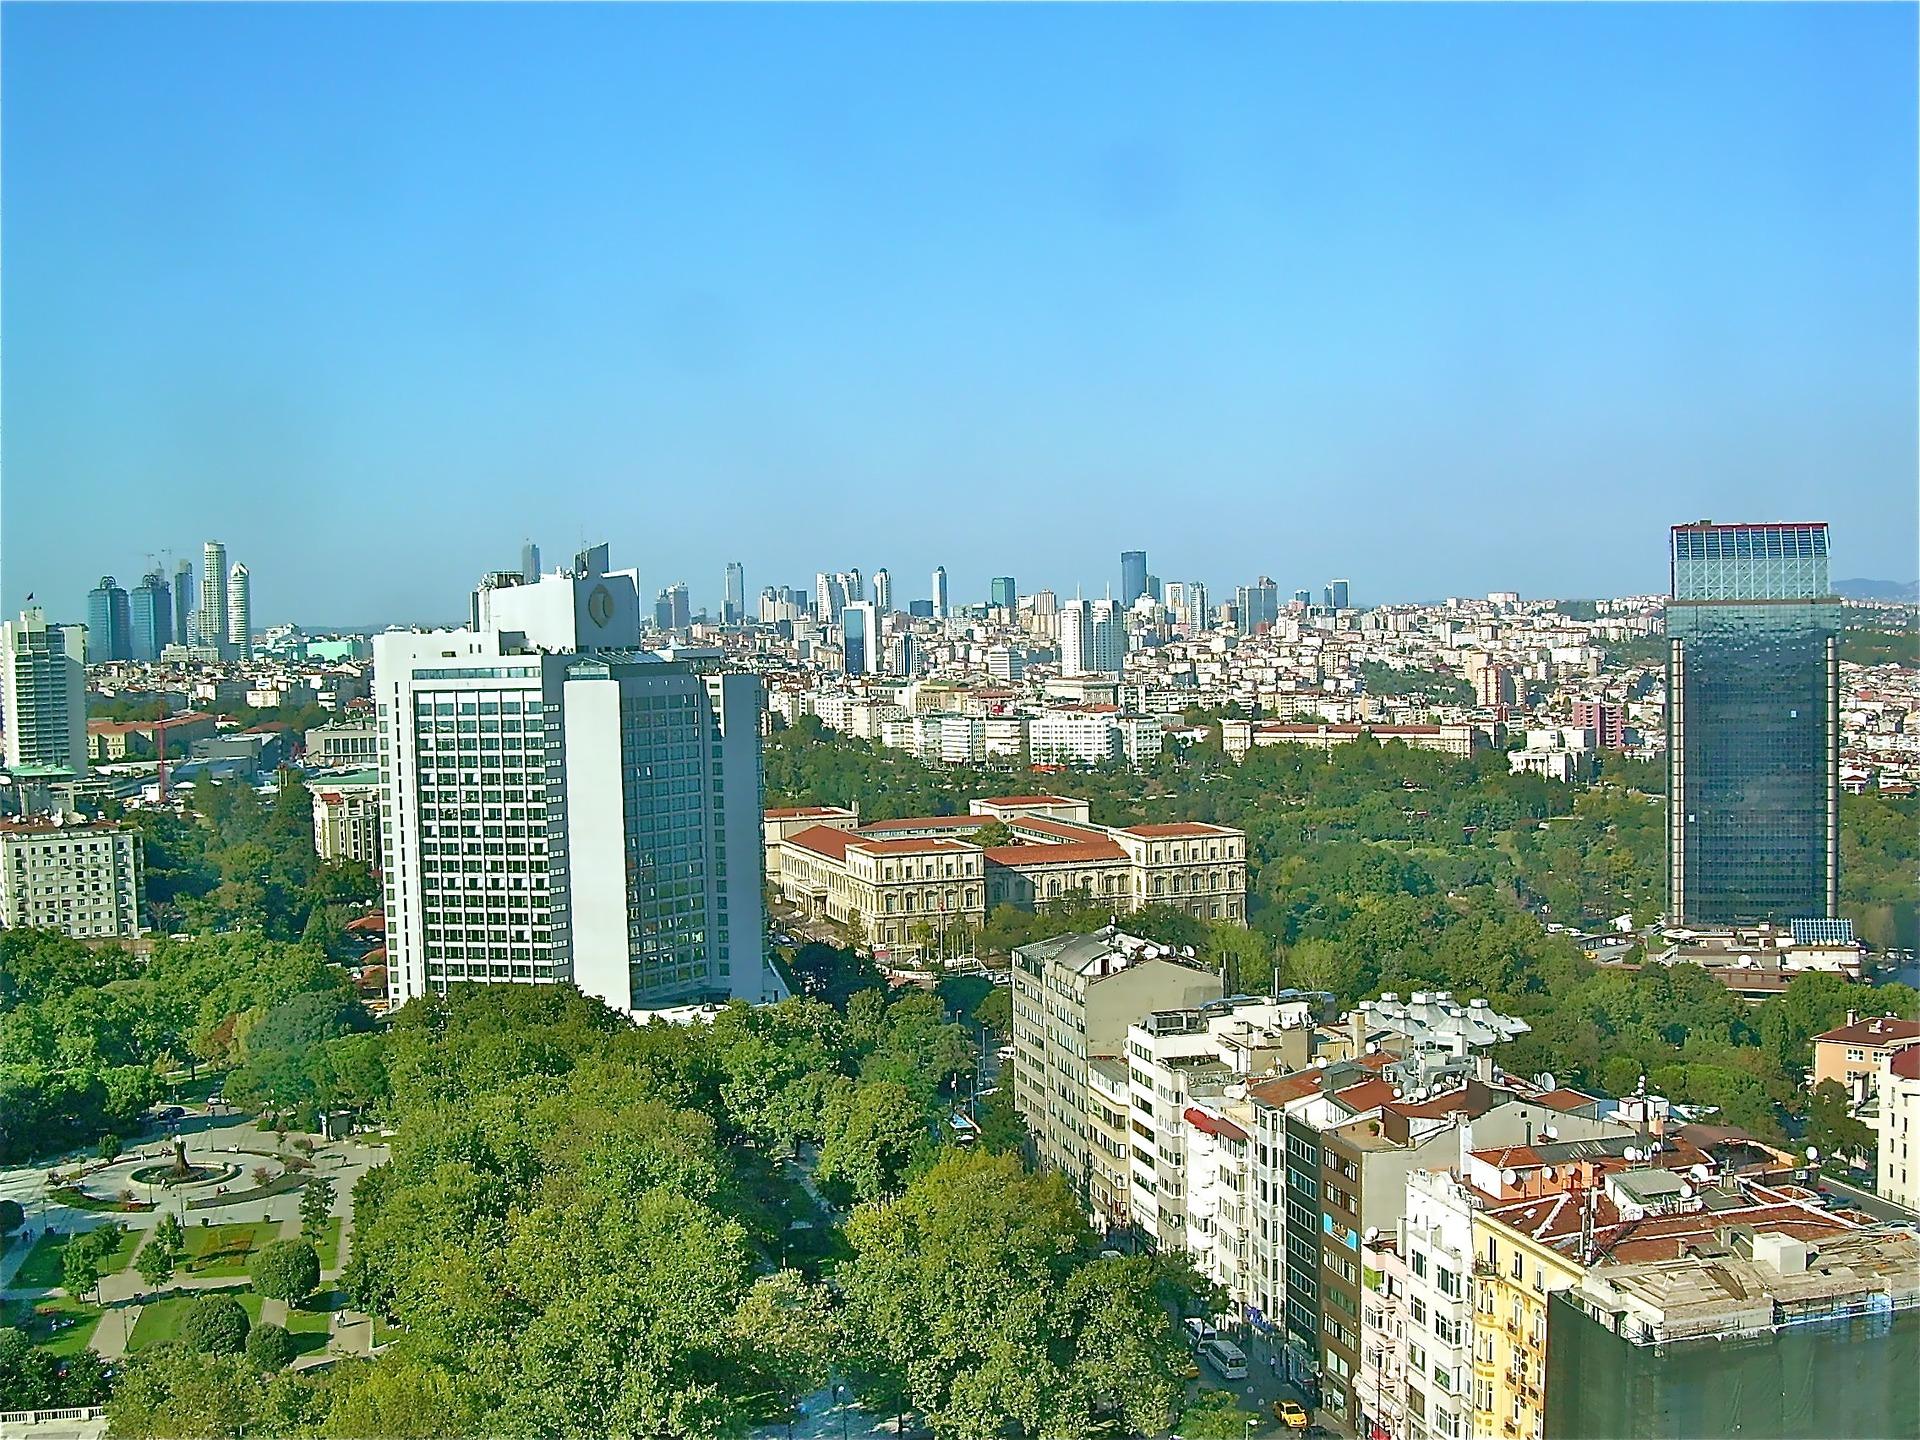 Istanbul, Turkey skyline